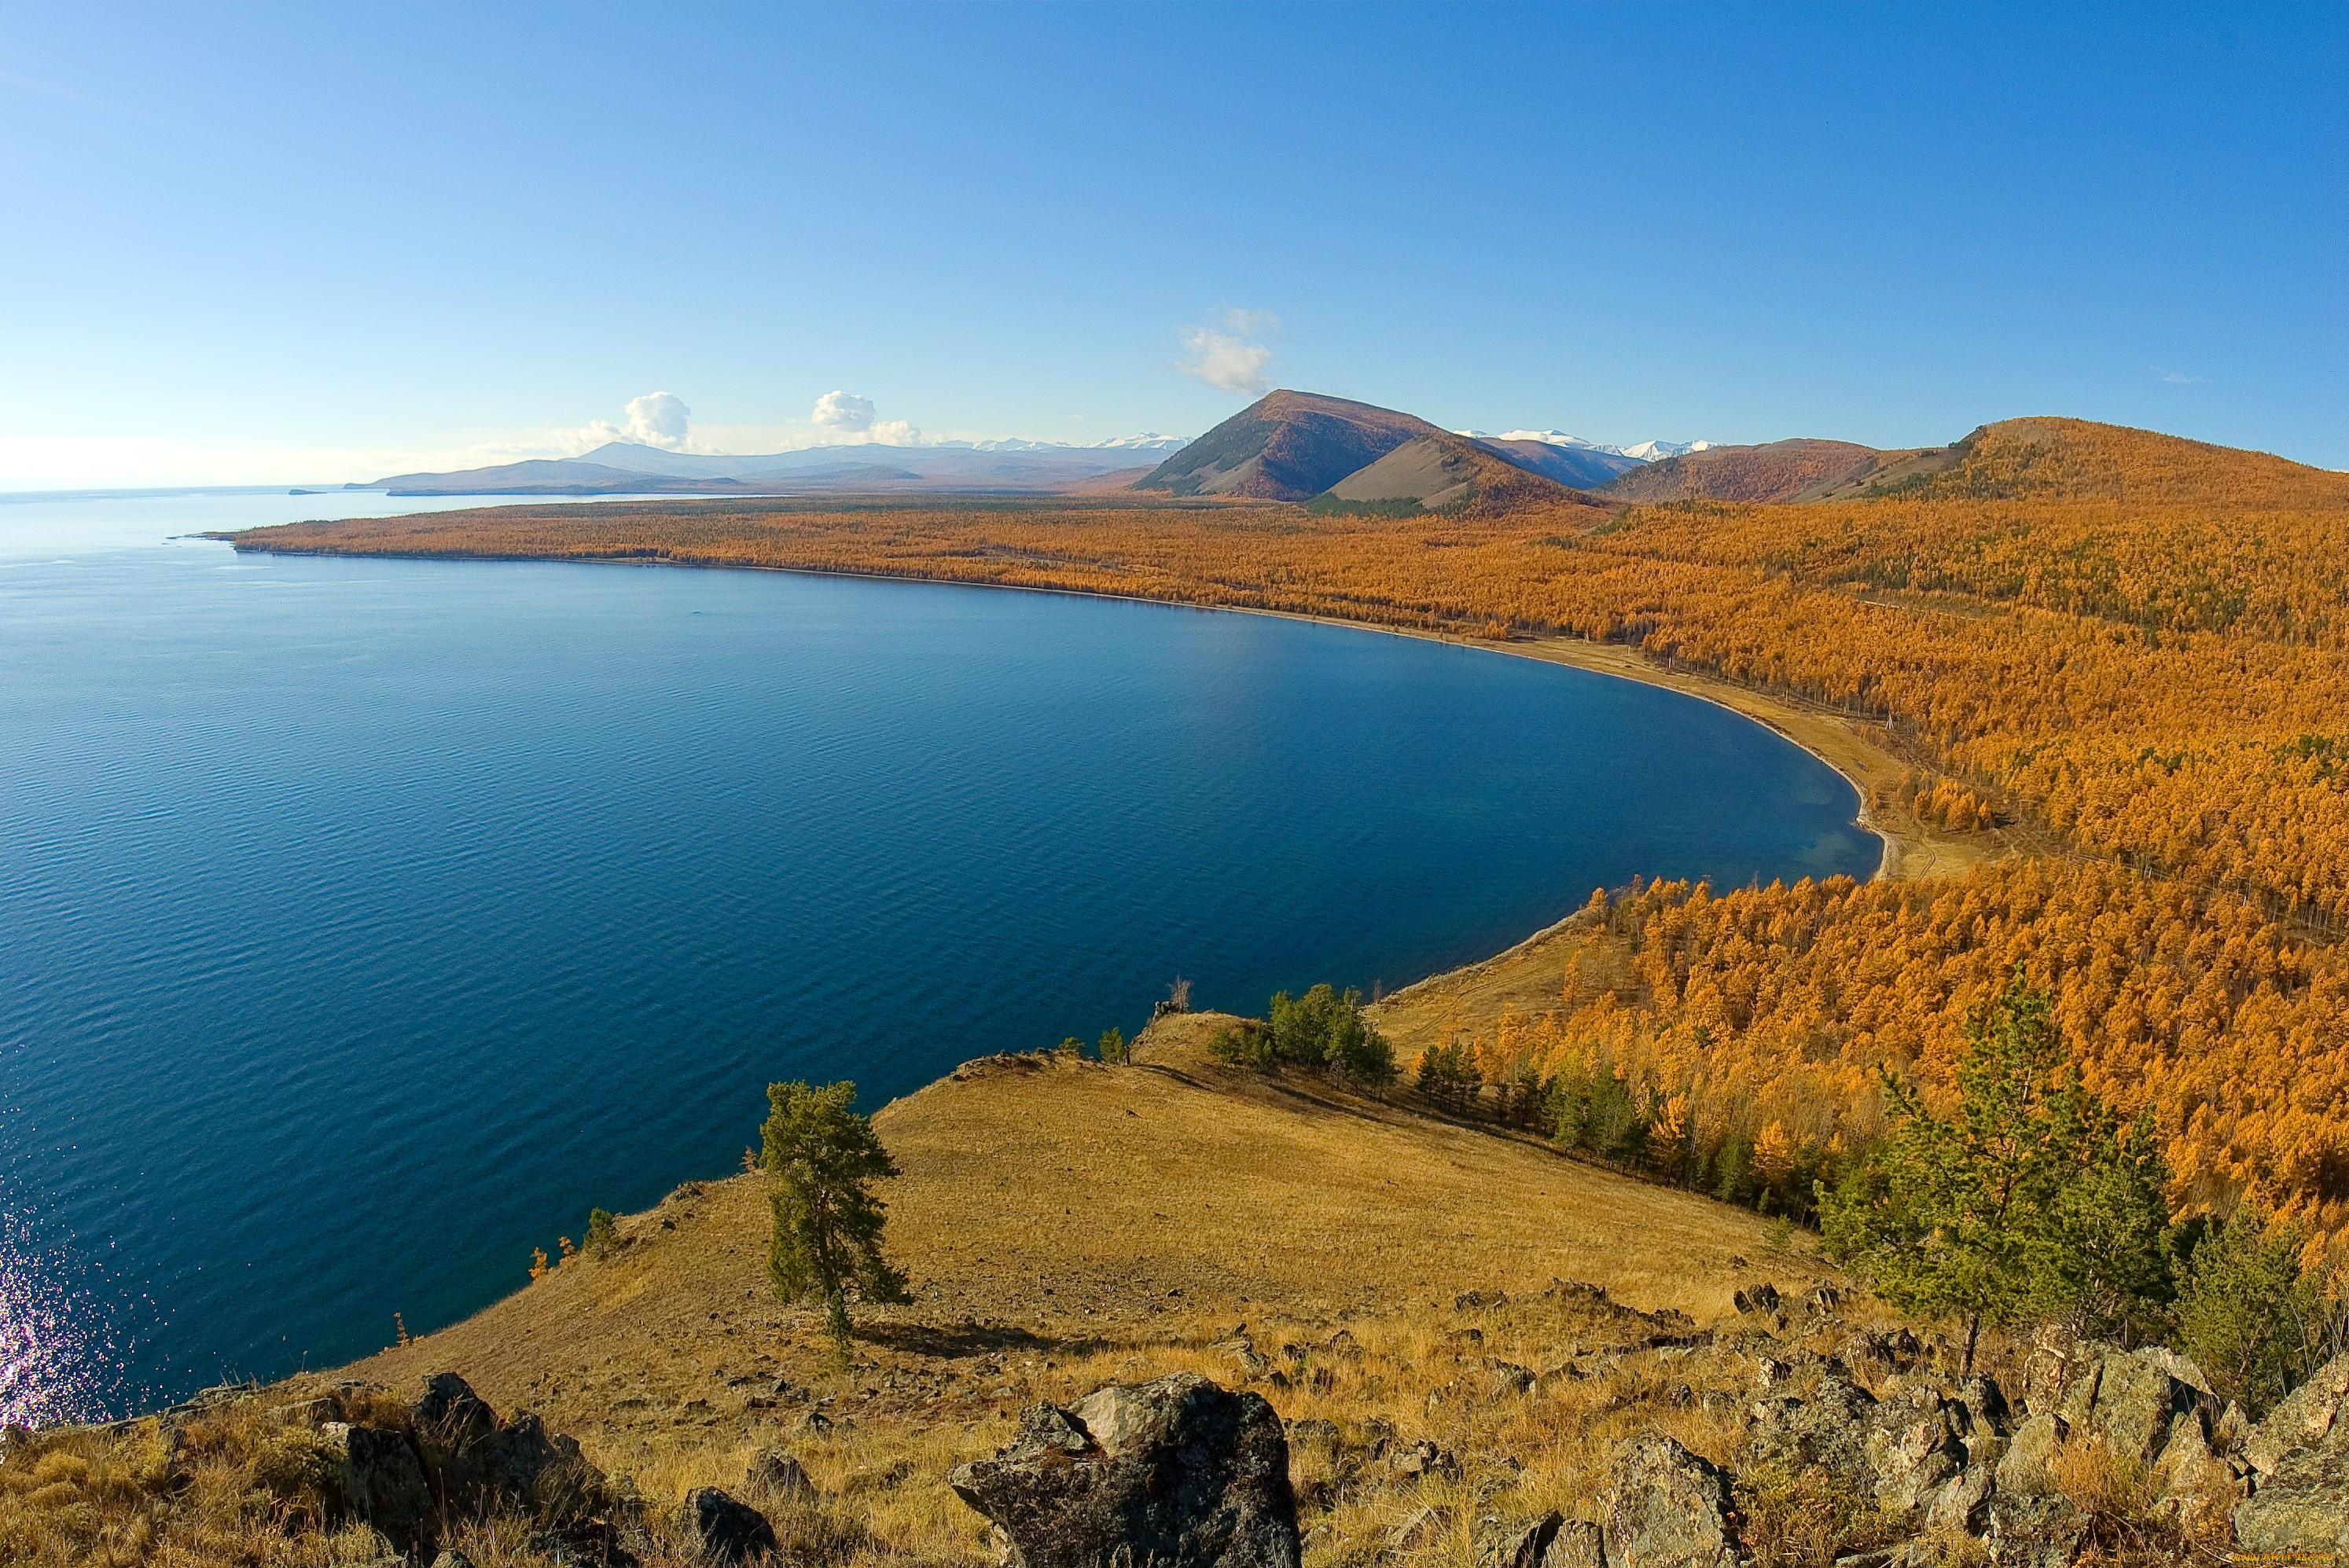 фото отличного качества озеро байкал современная